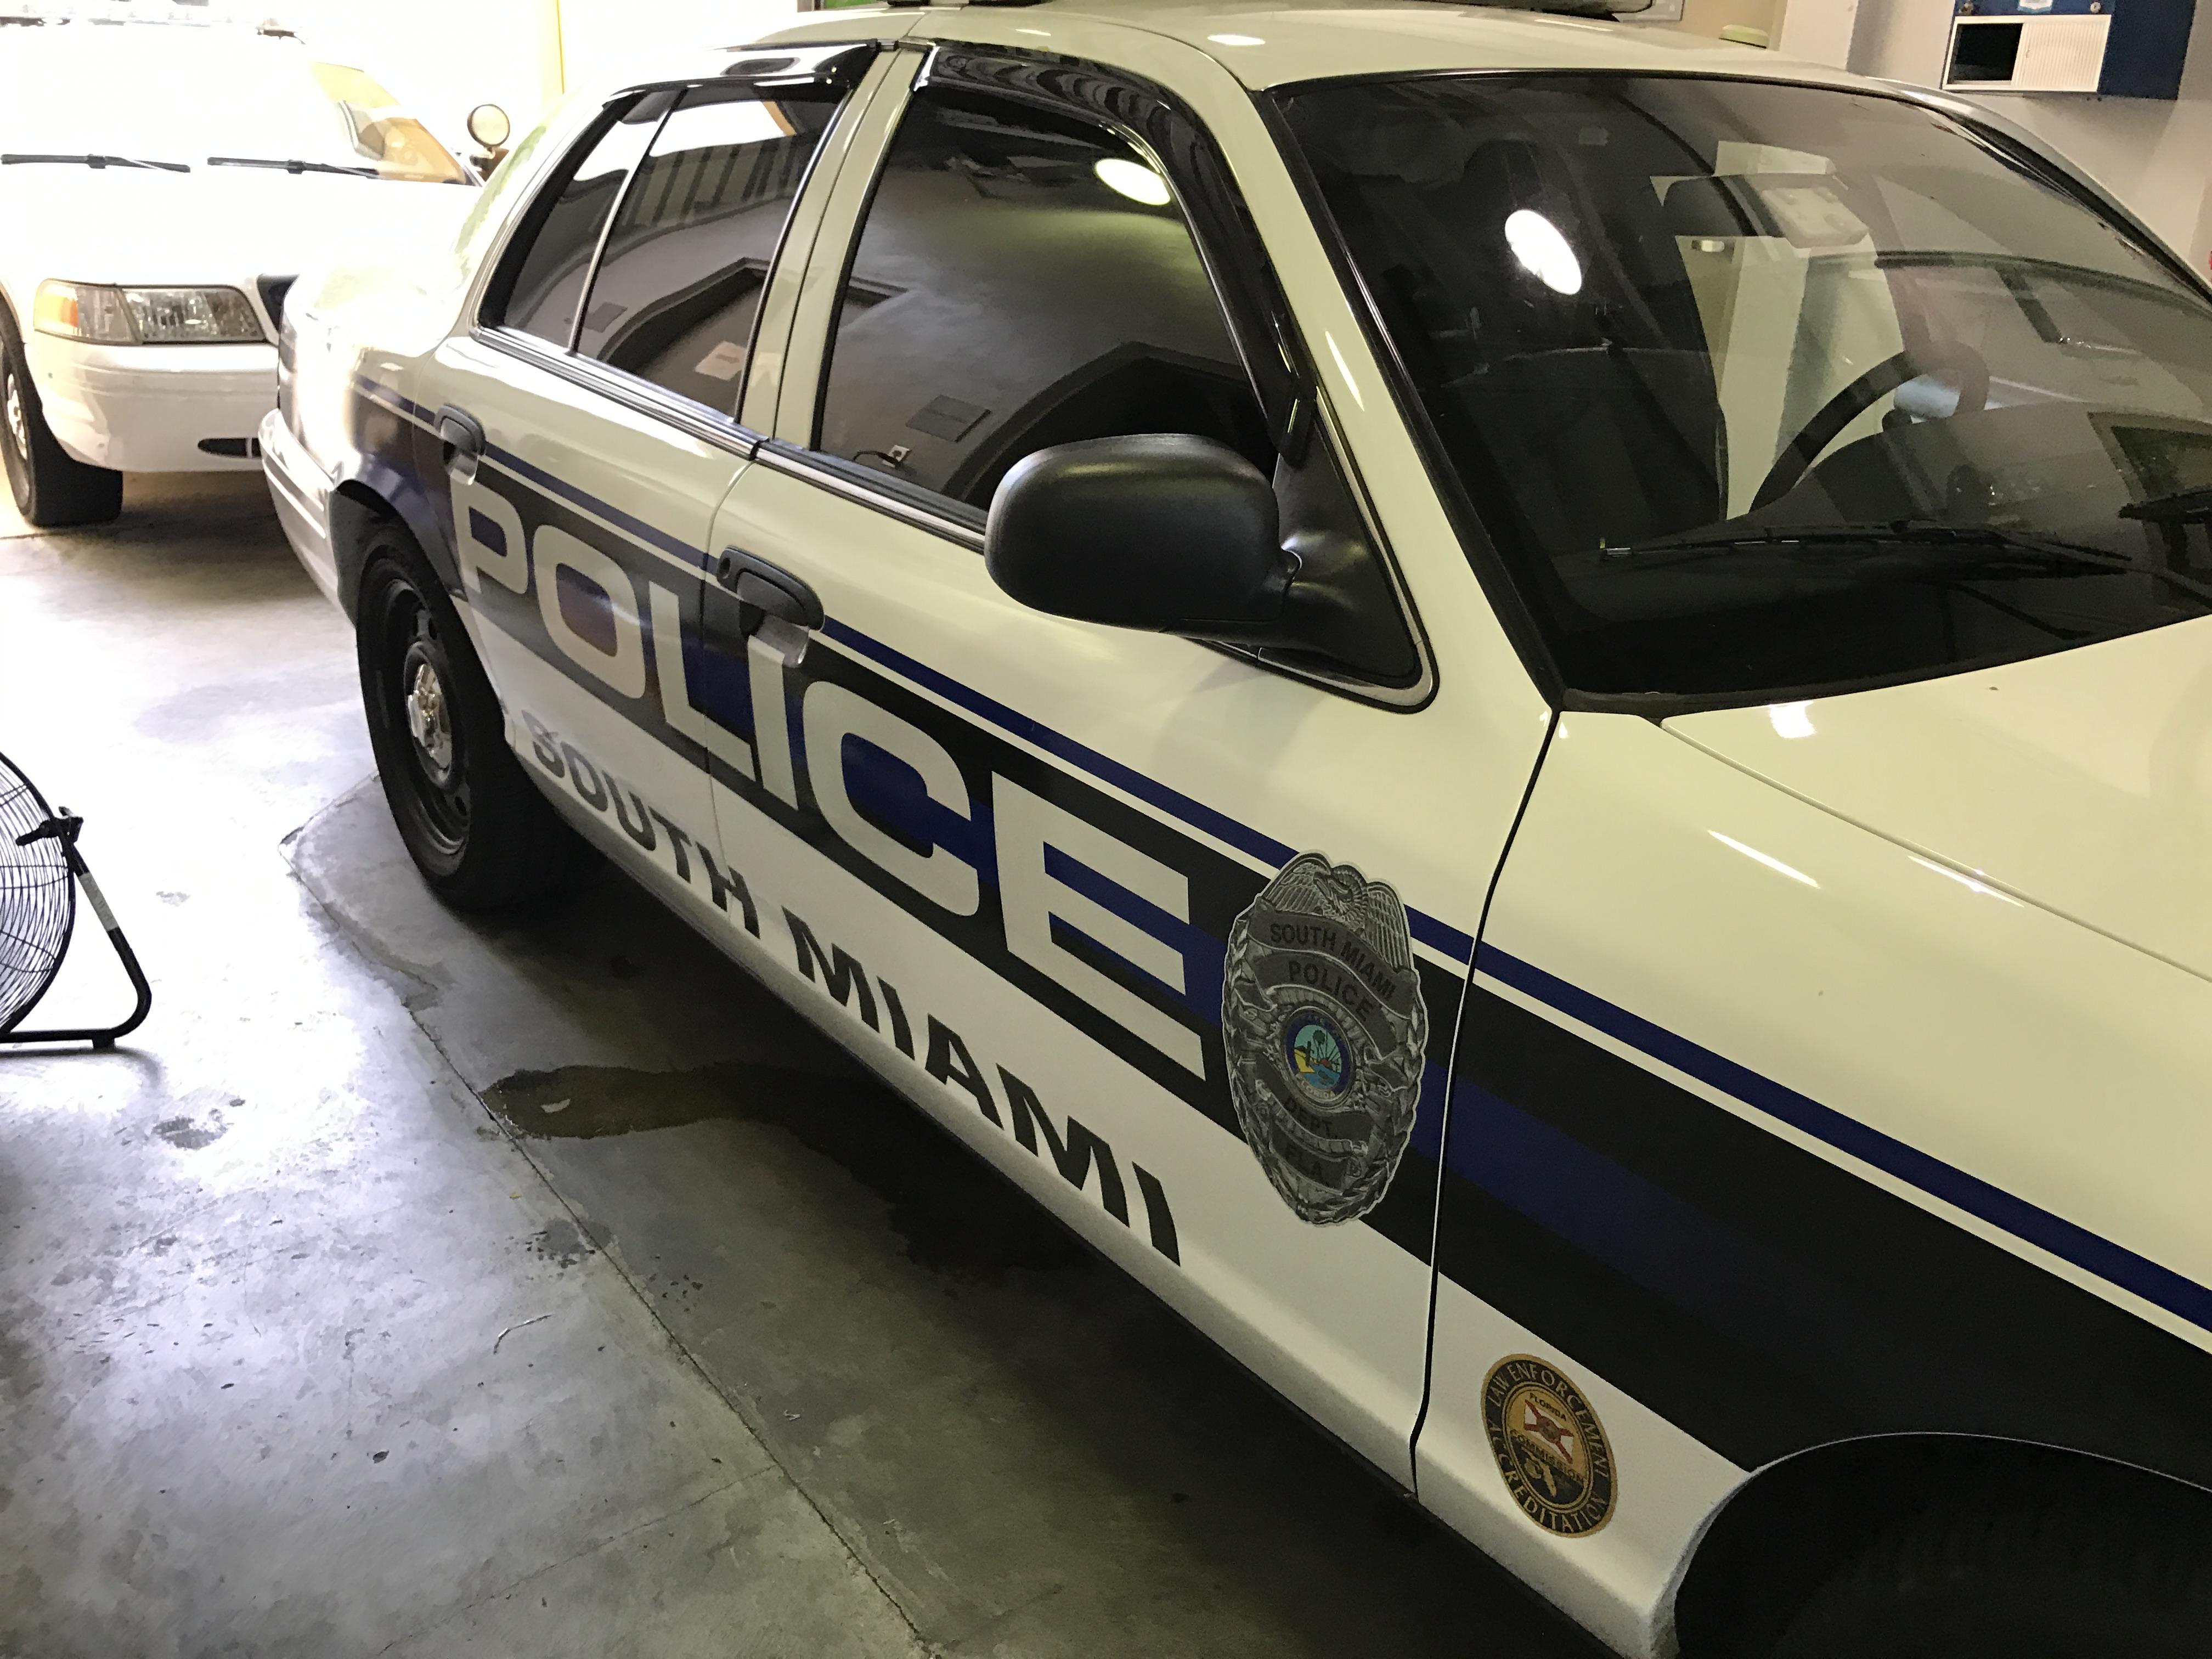 South Miami Police